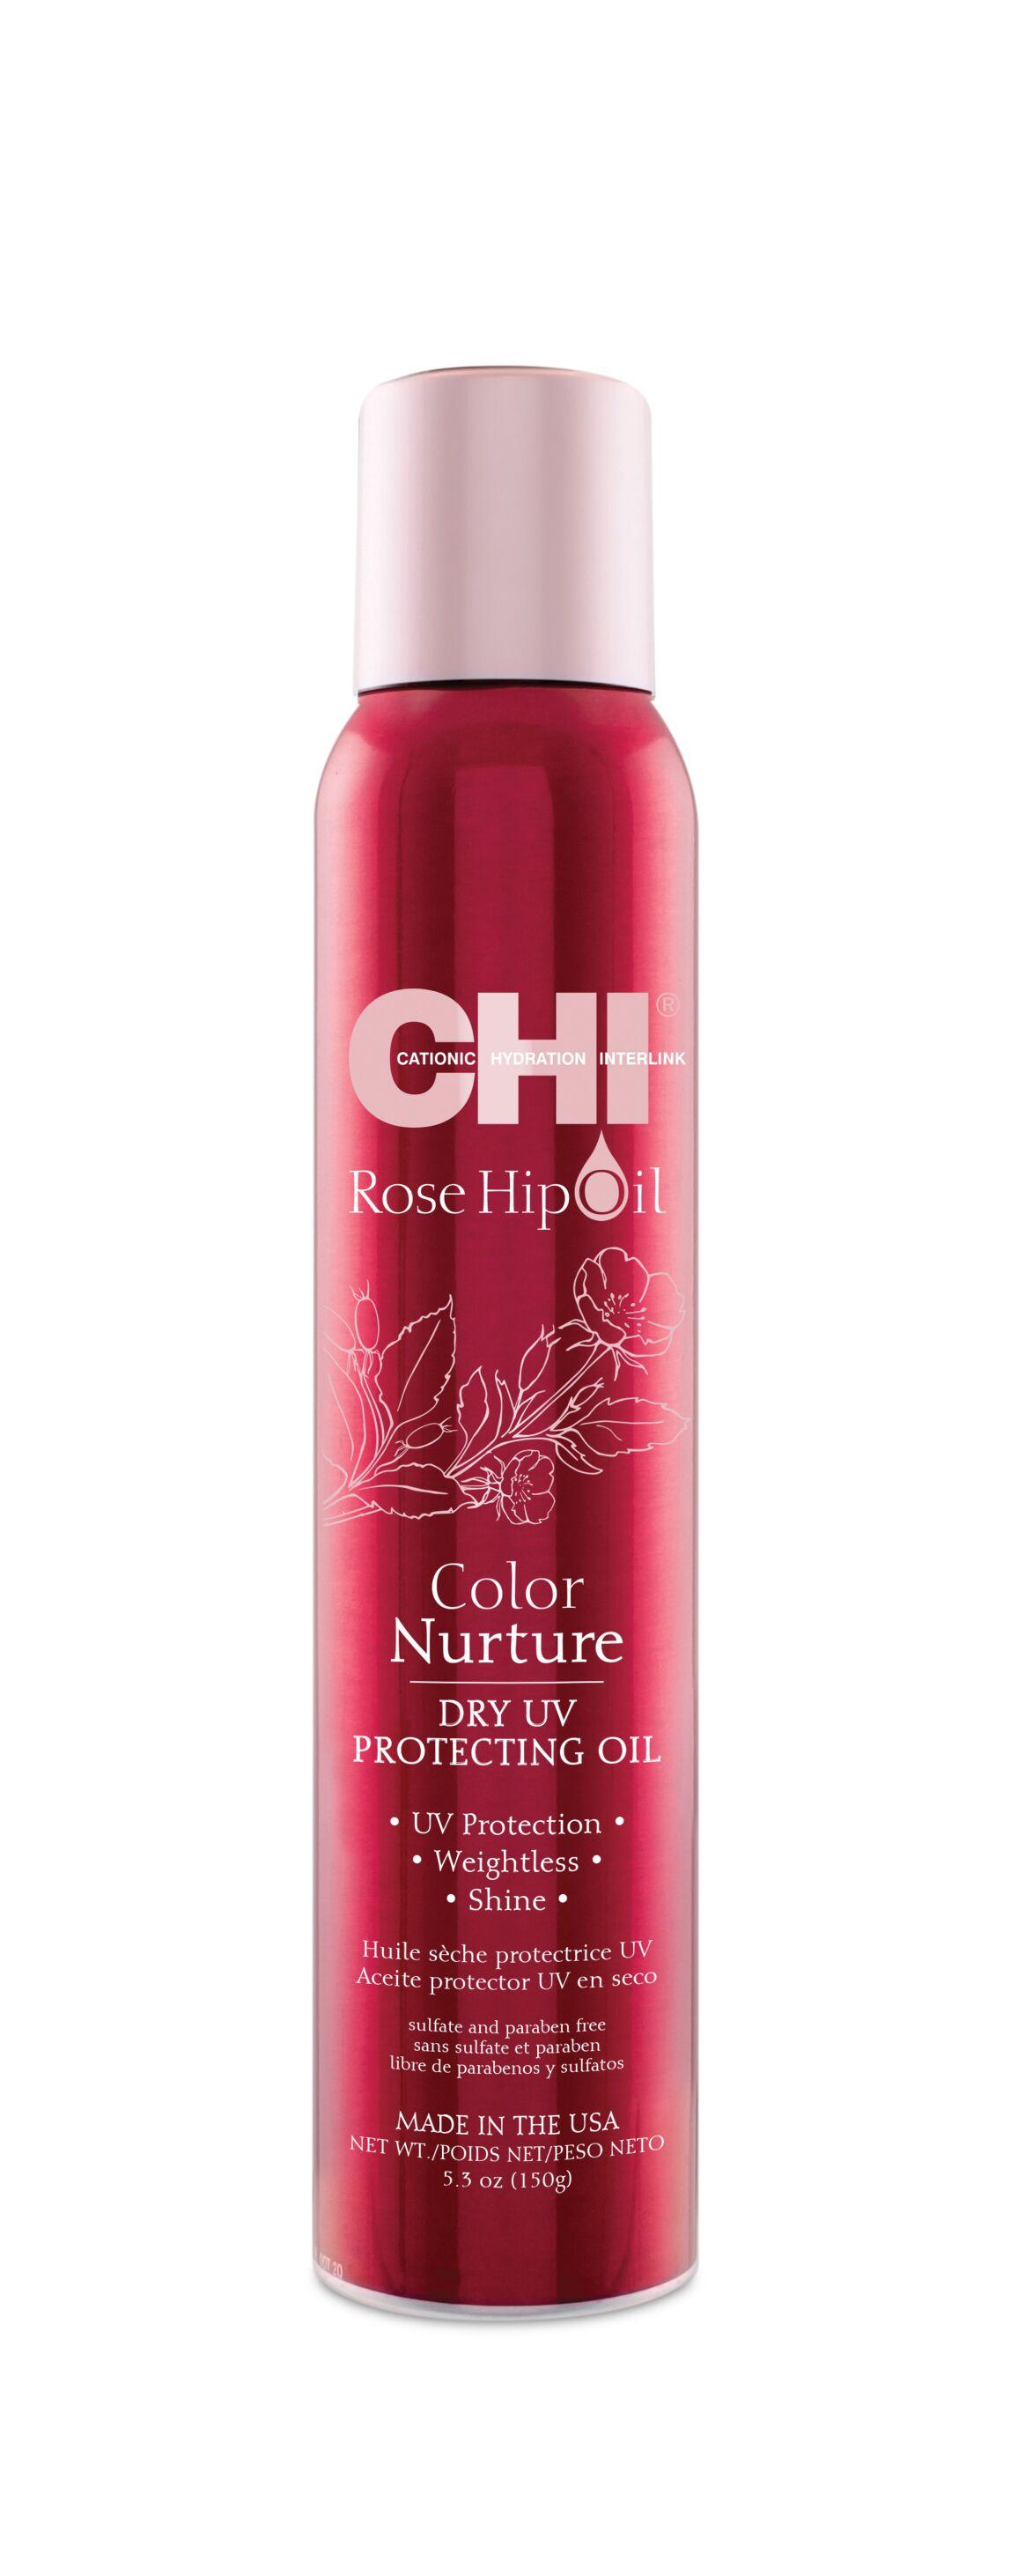 CHI Масло финишное для волос, с экстрактом шиповника и защитой от УФ 150 мл